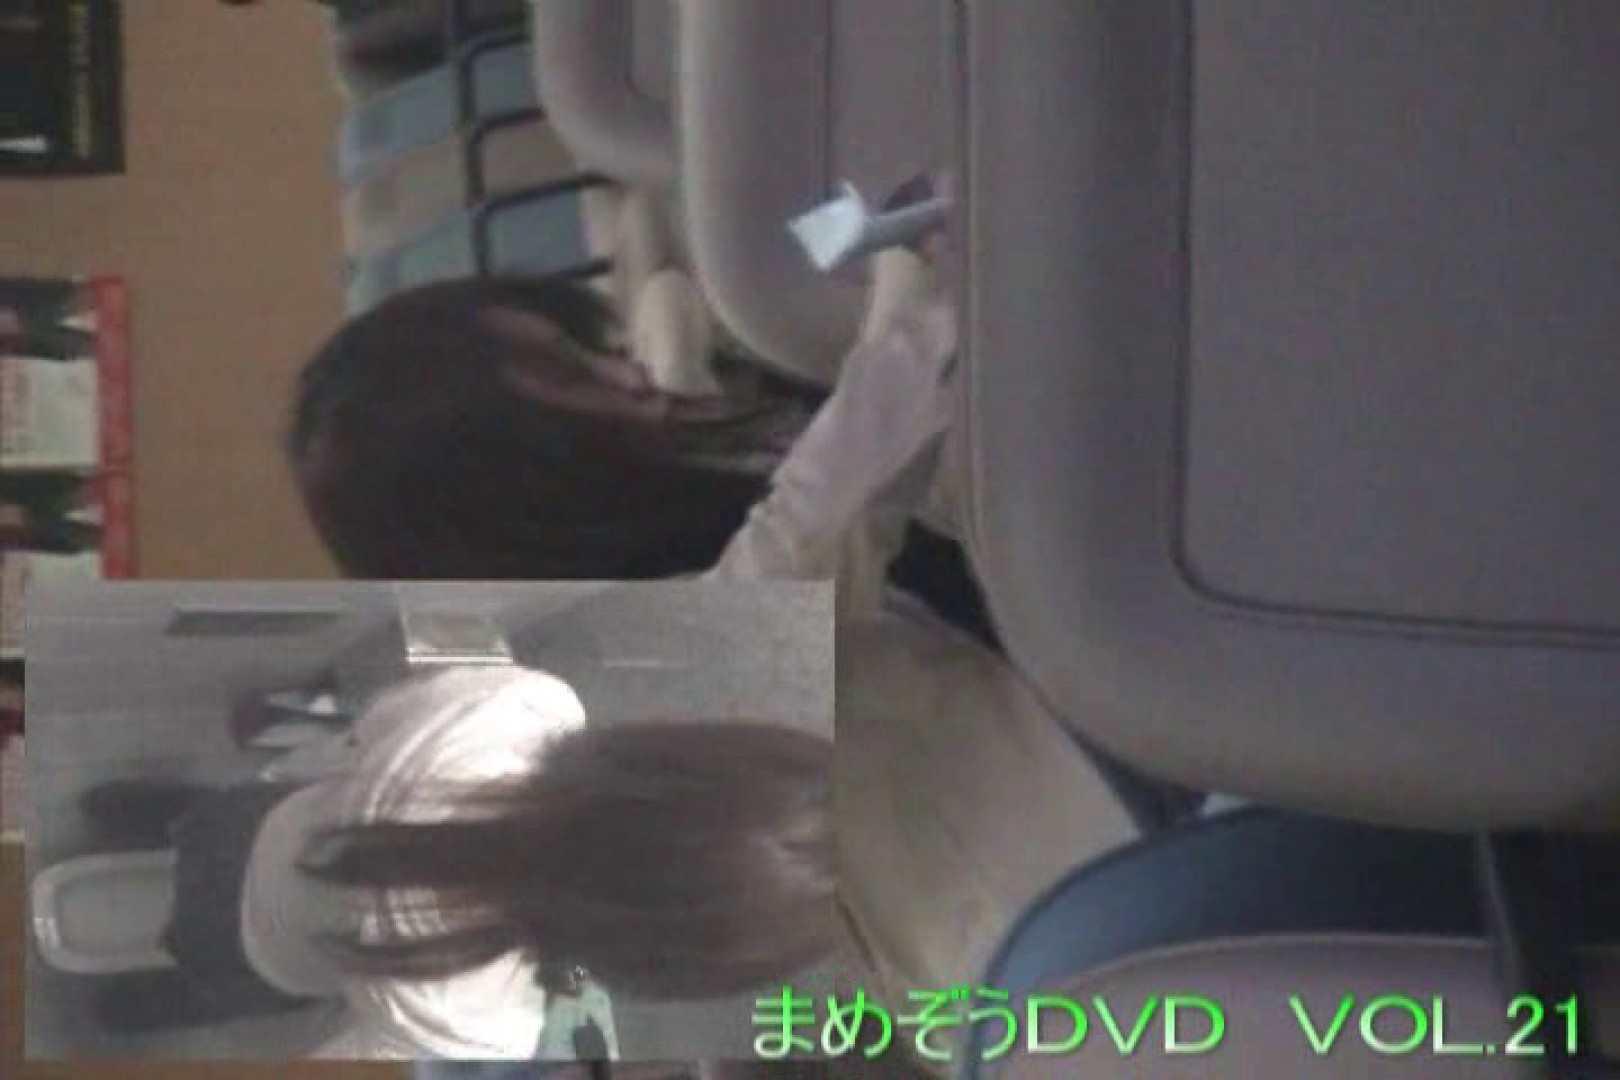 まめぞうDVD完全版VOL.21 洗面所 | ギャル攻め  91画像 3